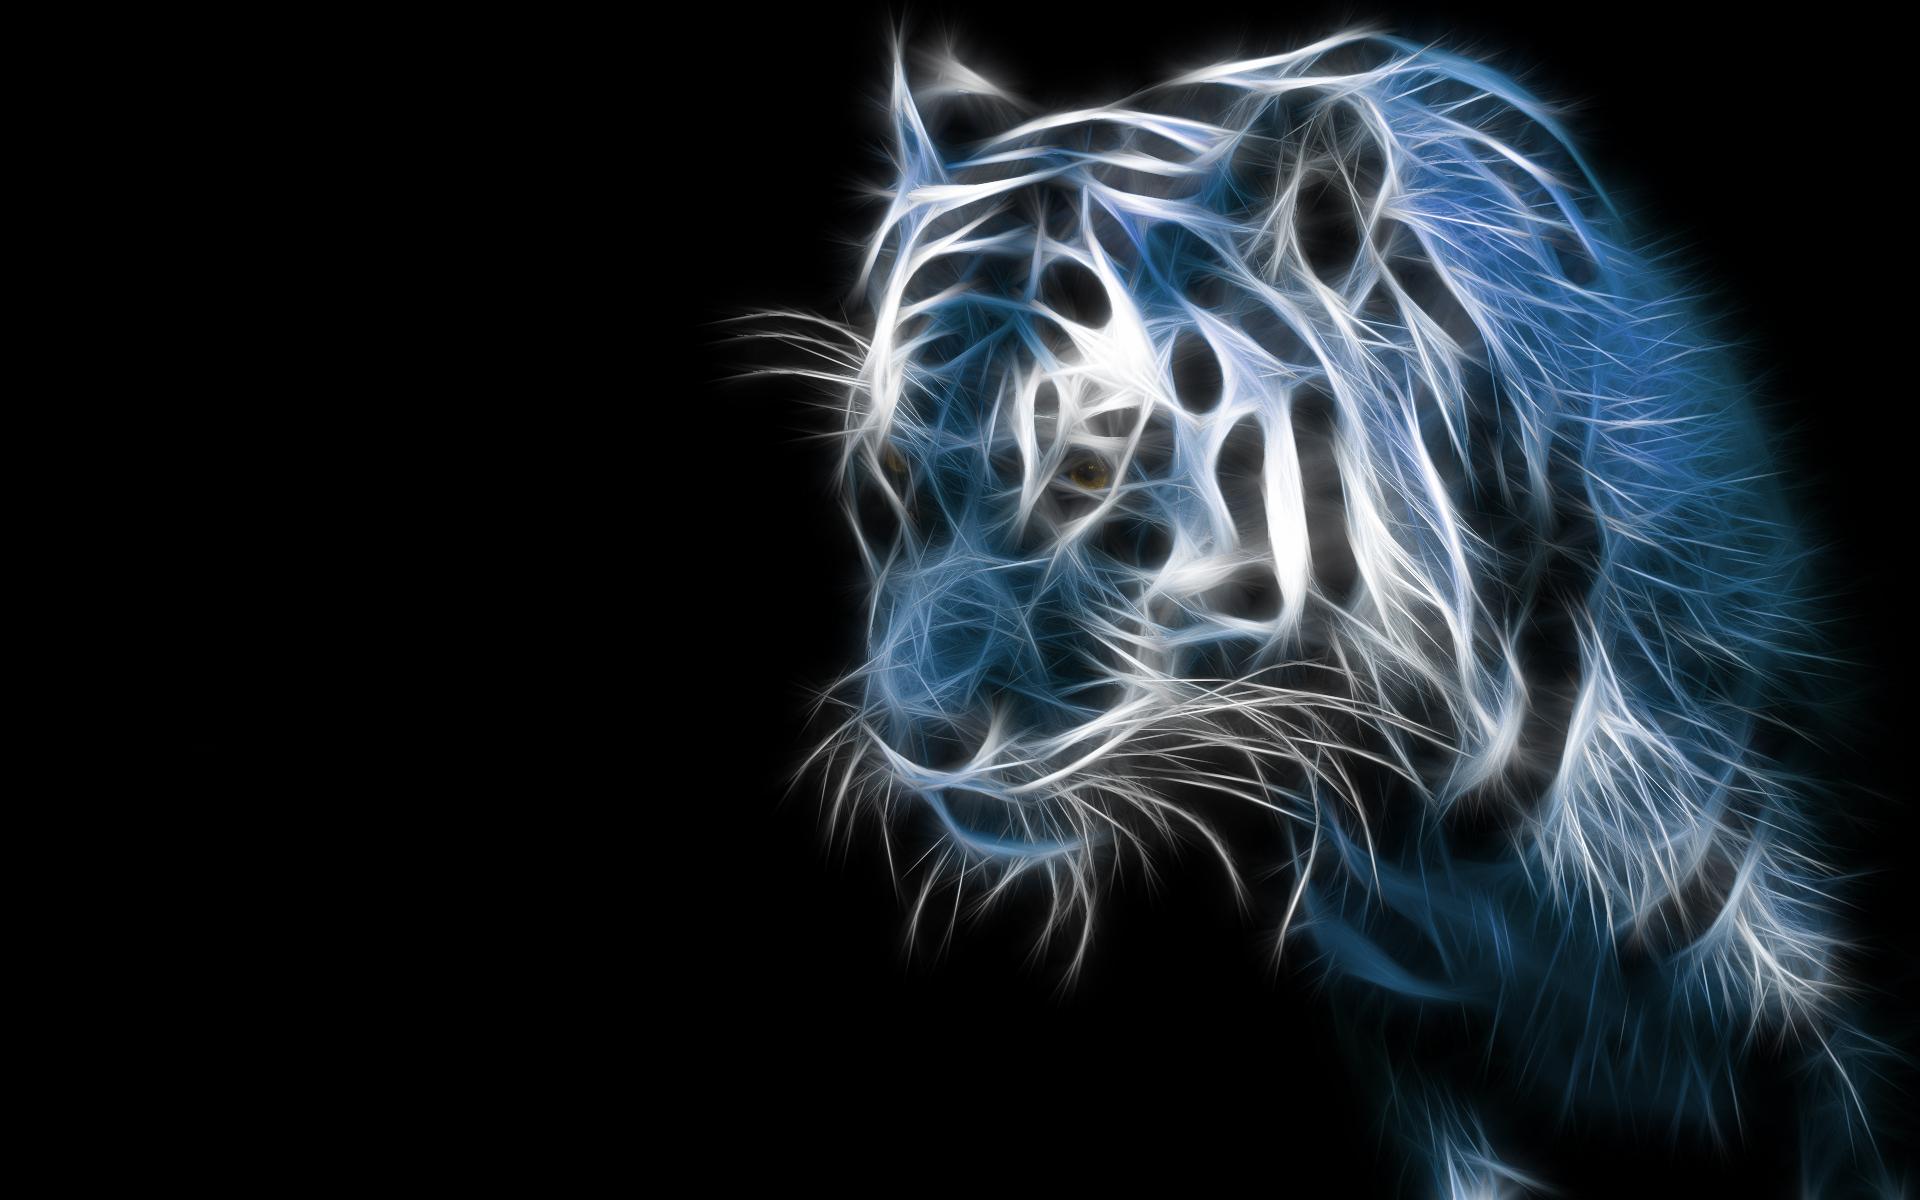 Tiere - Tiger  Fractal Blau Hintergrundbild